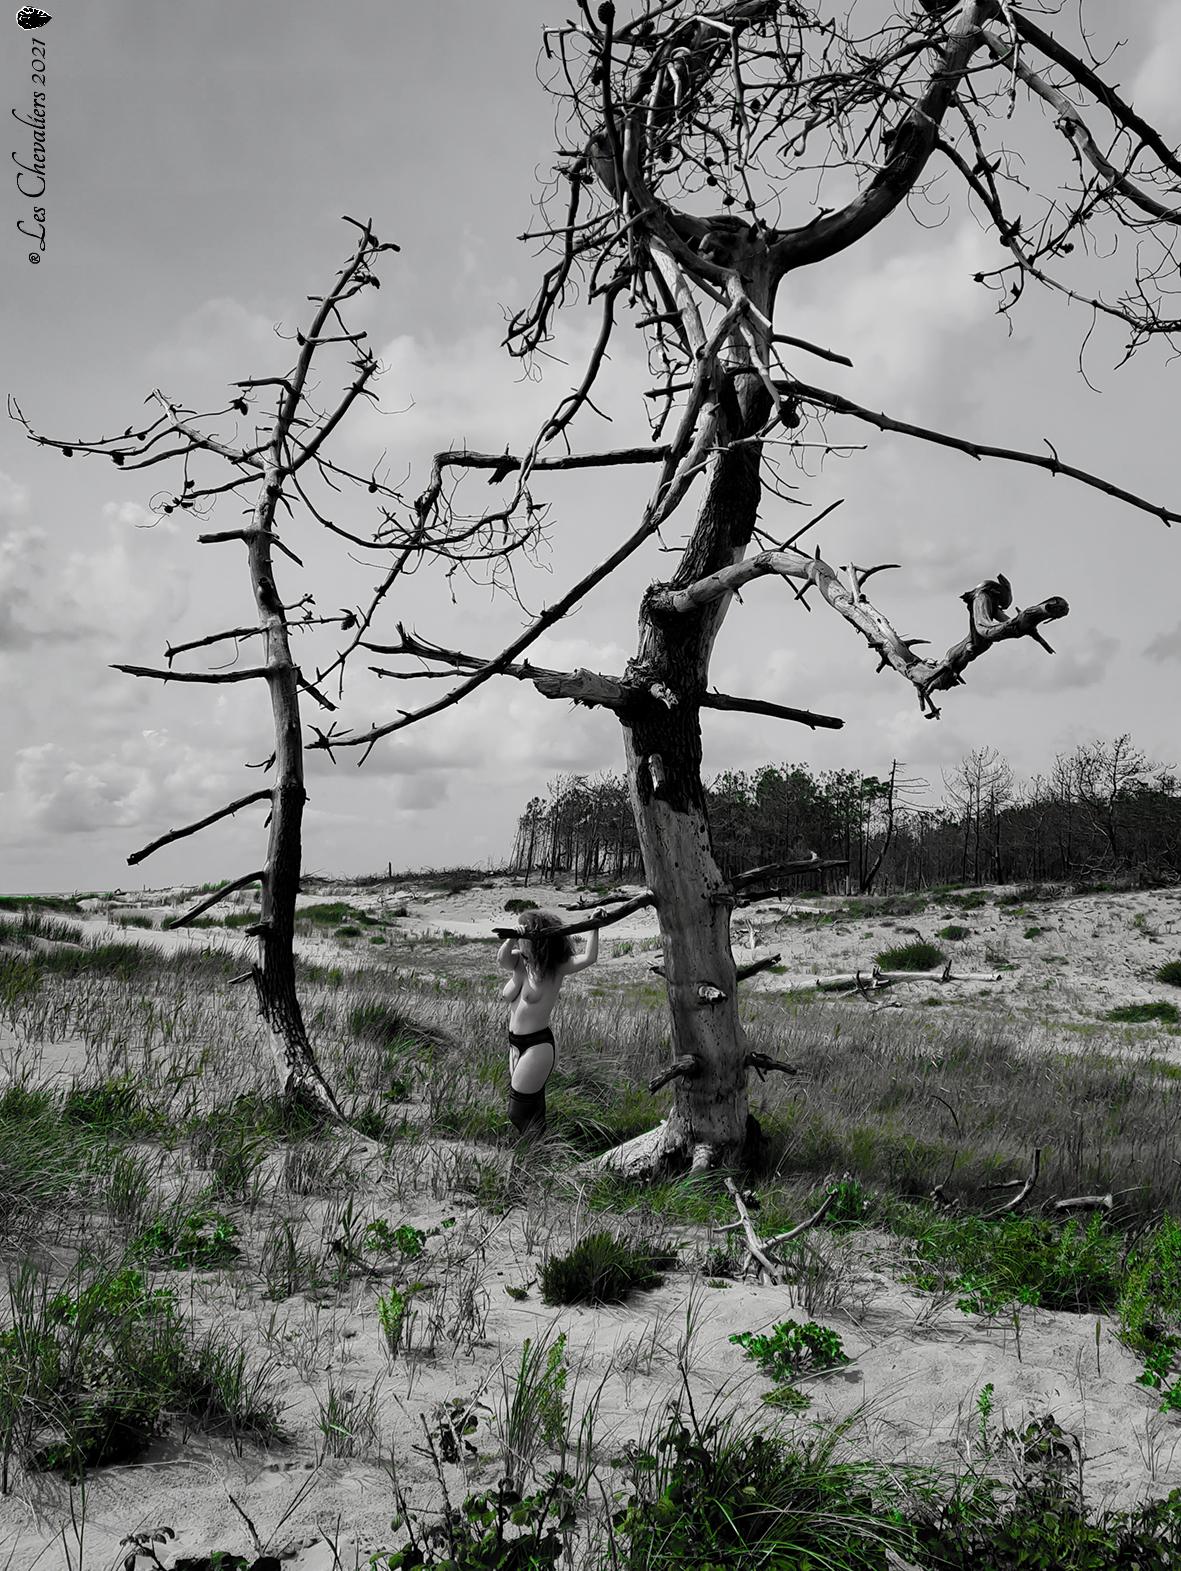 """L'arbre, une photo de la collection """"Performance"""" par Les Chevaliers Photographes."""